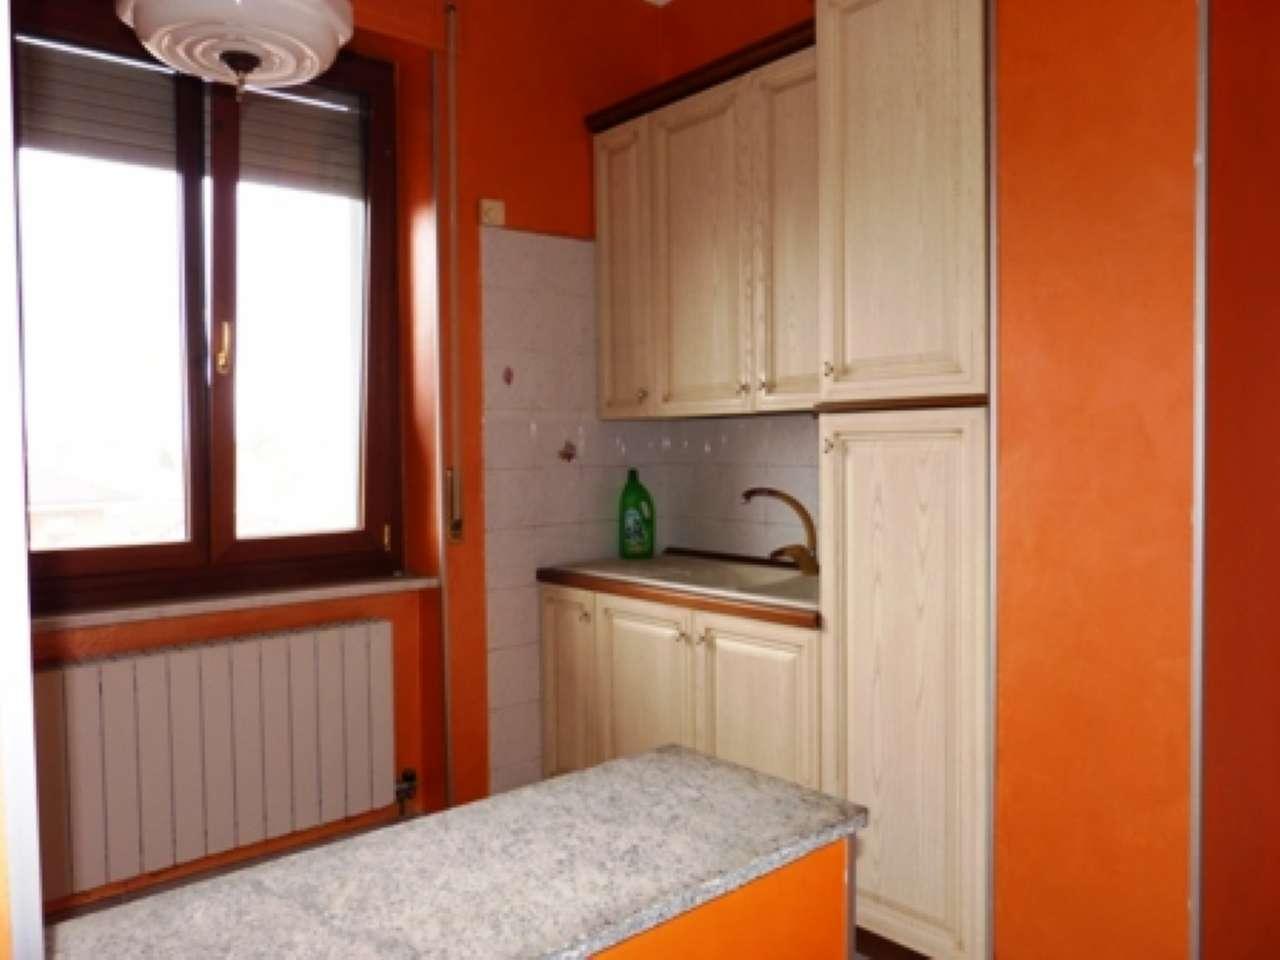 Appartamento in vendita a Fossano, 3 locali, prezzo € 58.000 | CambioCasa.it